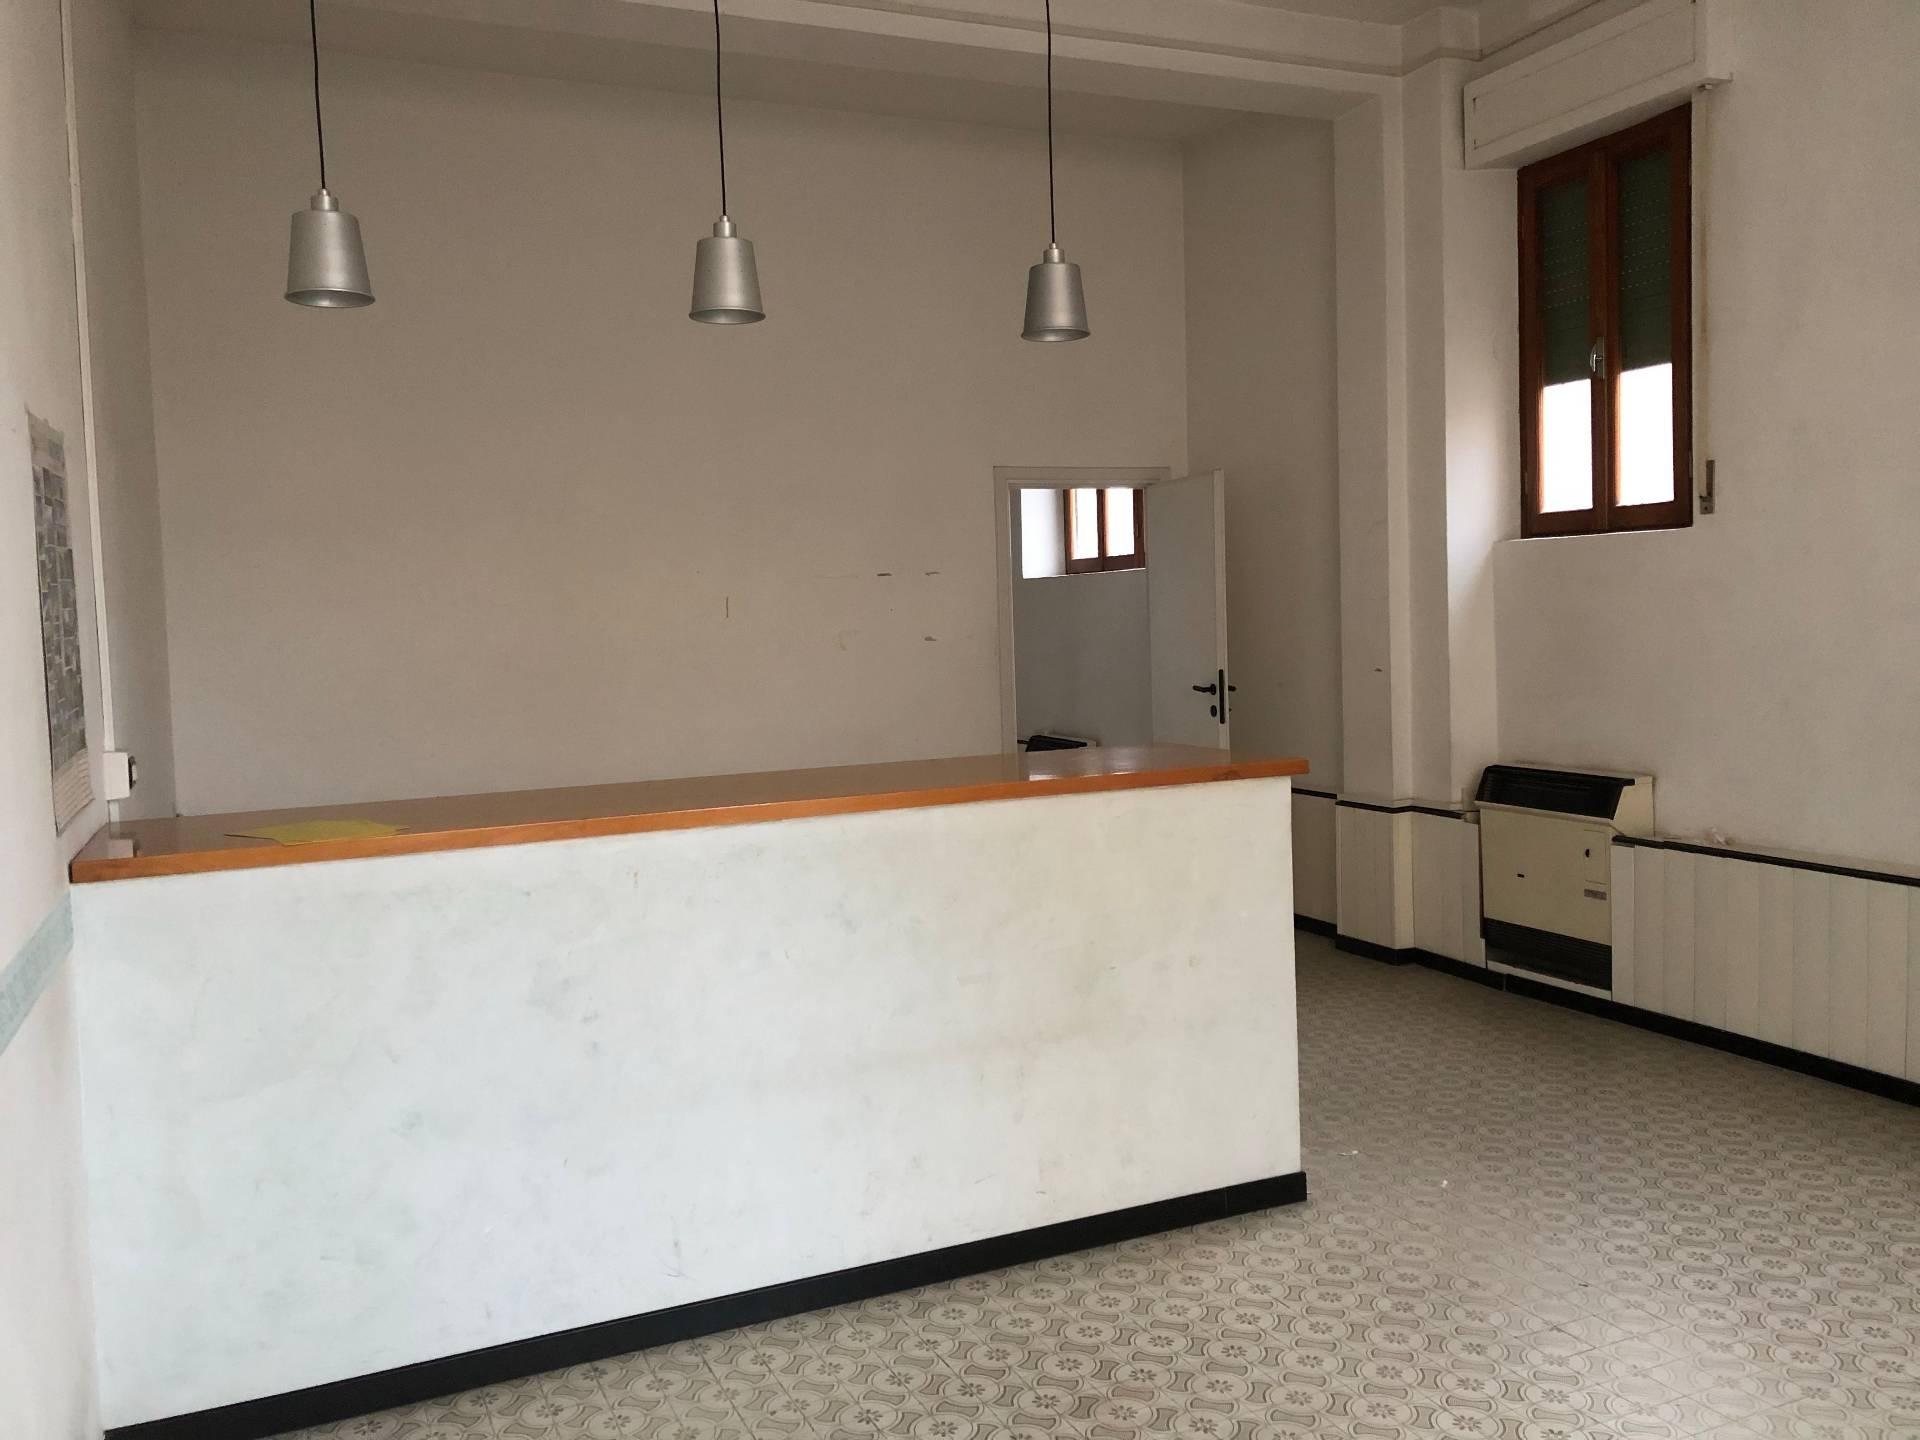 Attività / Licenza in vendita a Falerone, 9999 locali, zona Località: PianediFalerone, prezzo € 32.000 | CambioCasa.it